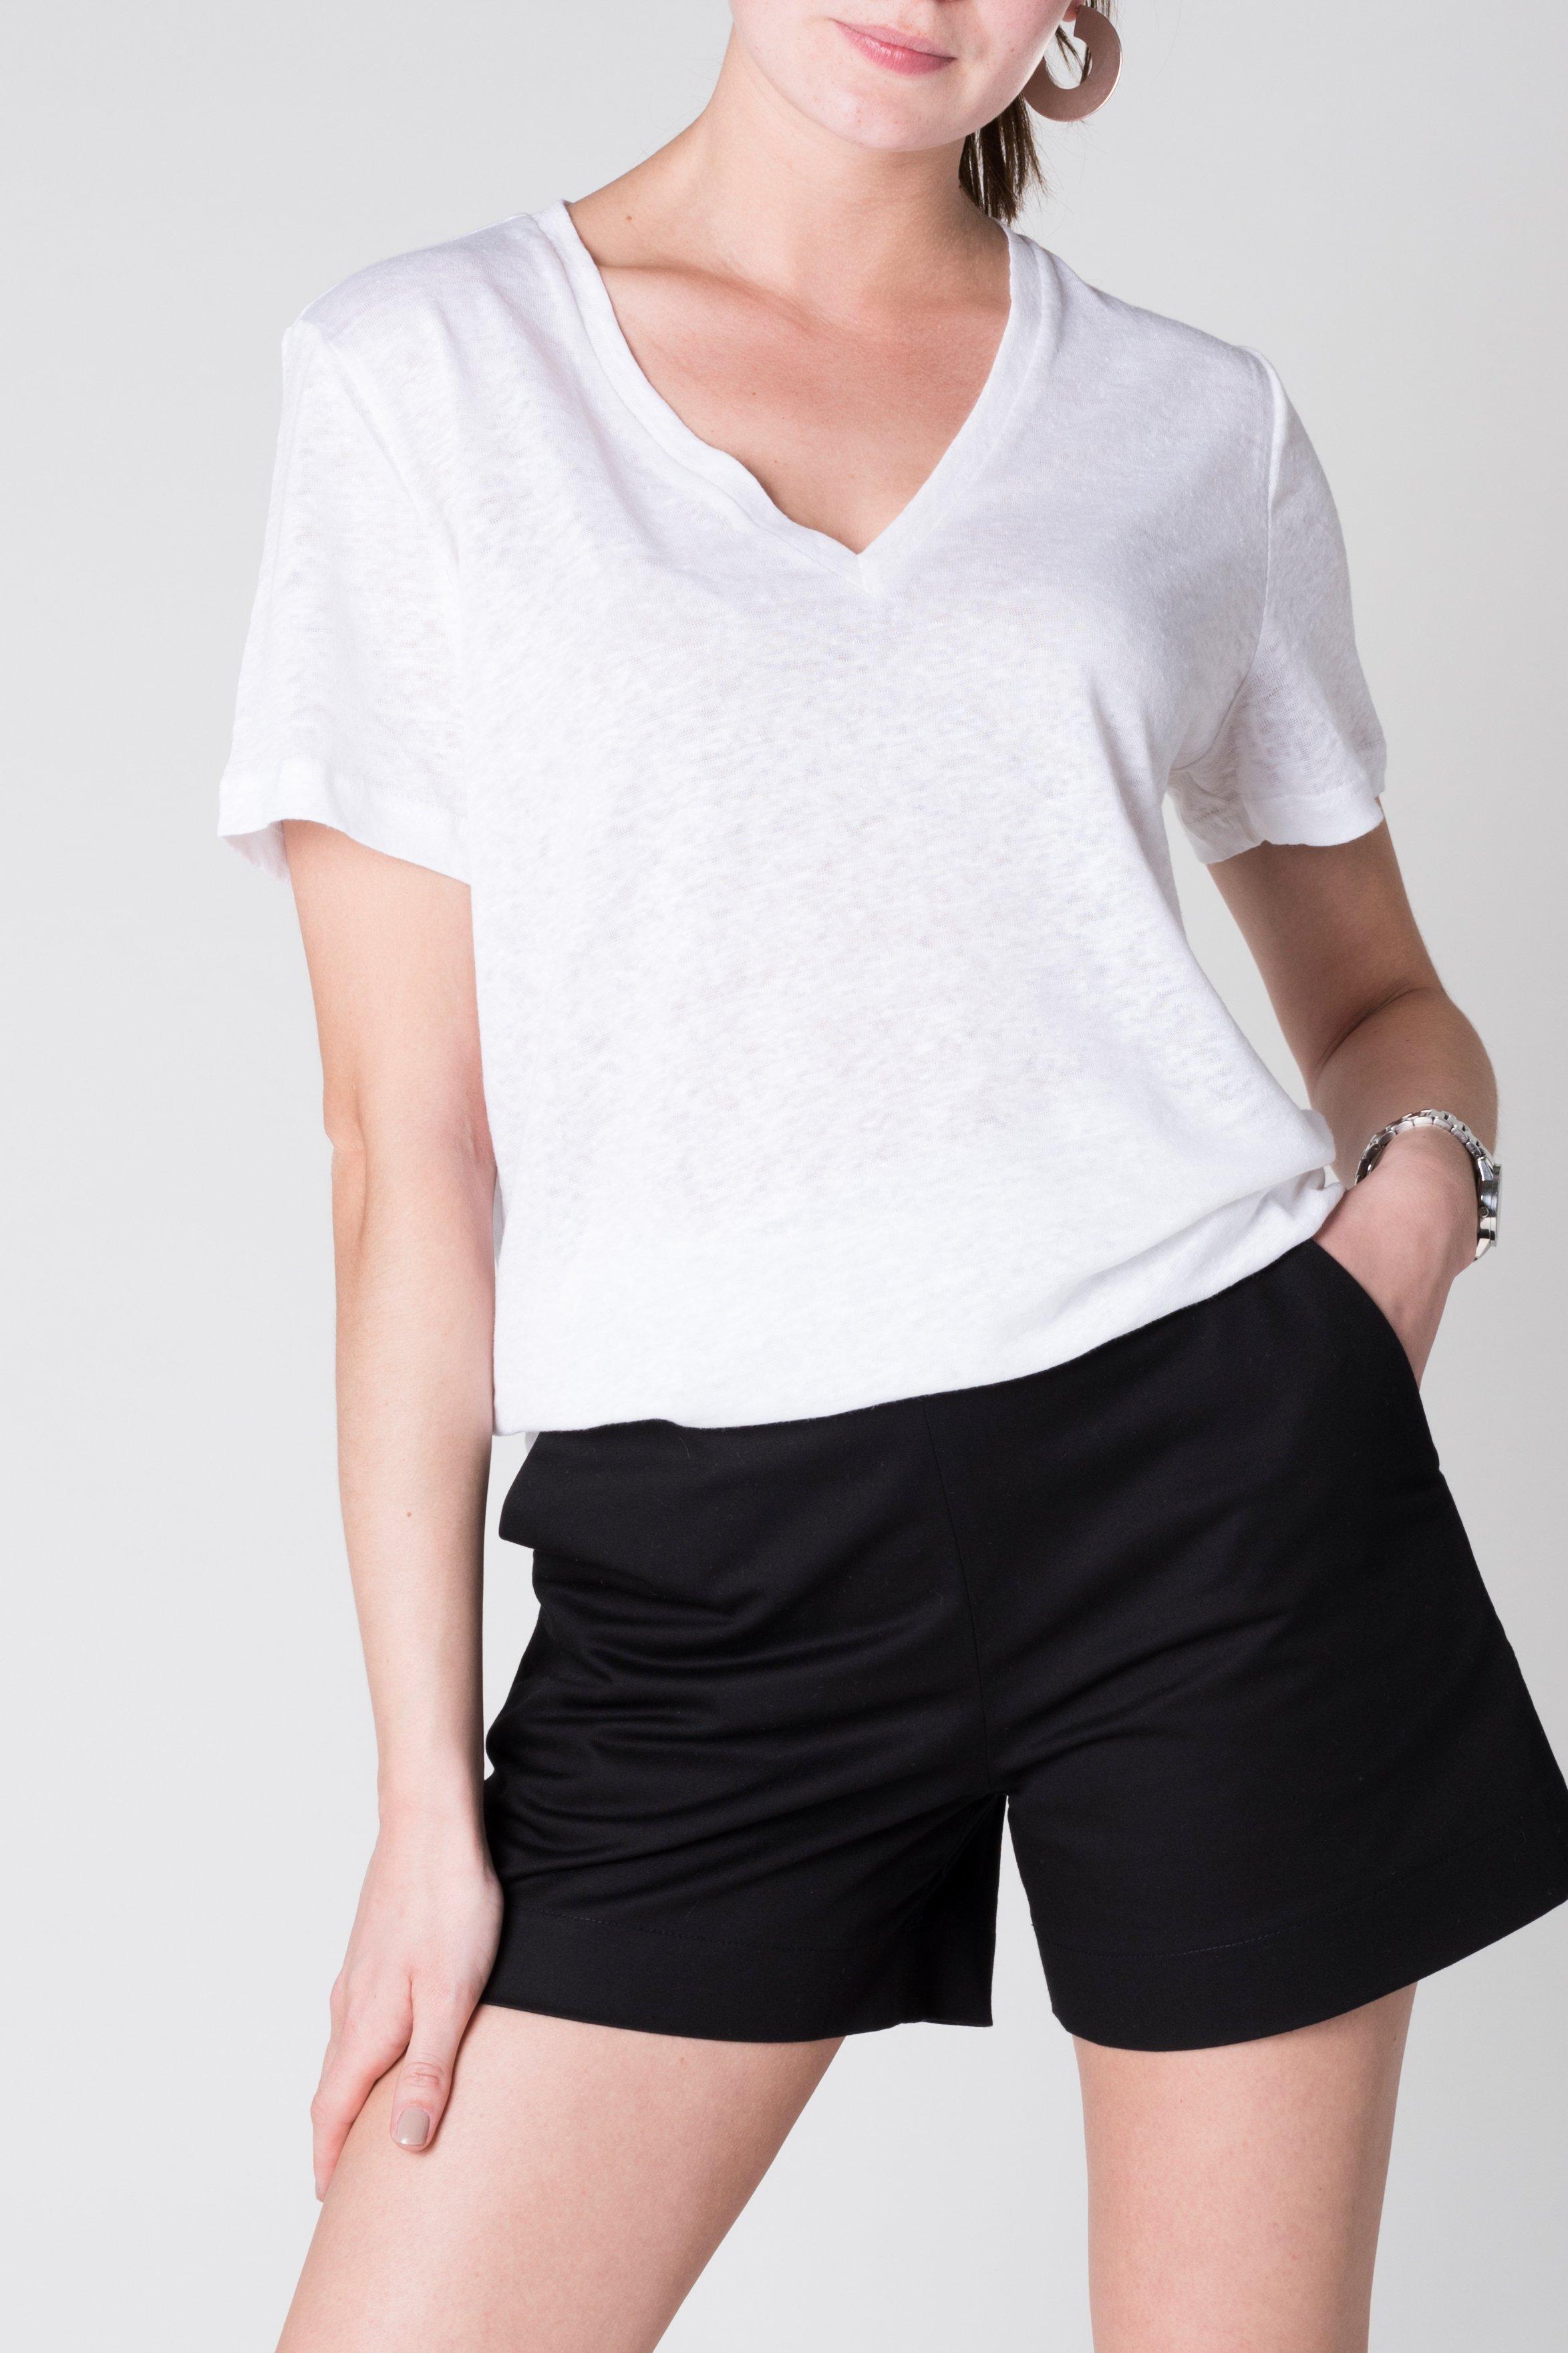 T-Shirt Vector Leinen Weiss from LOVECO